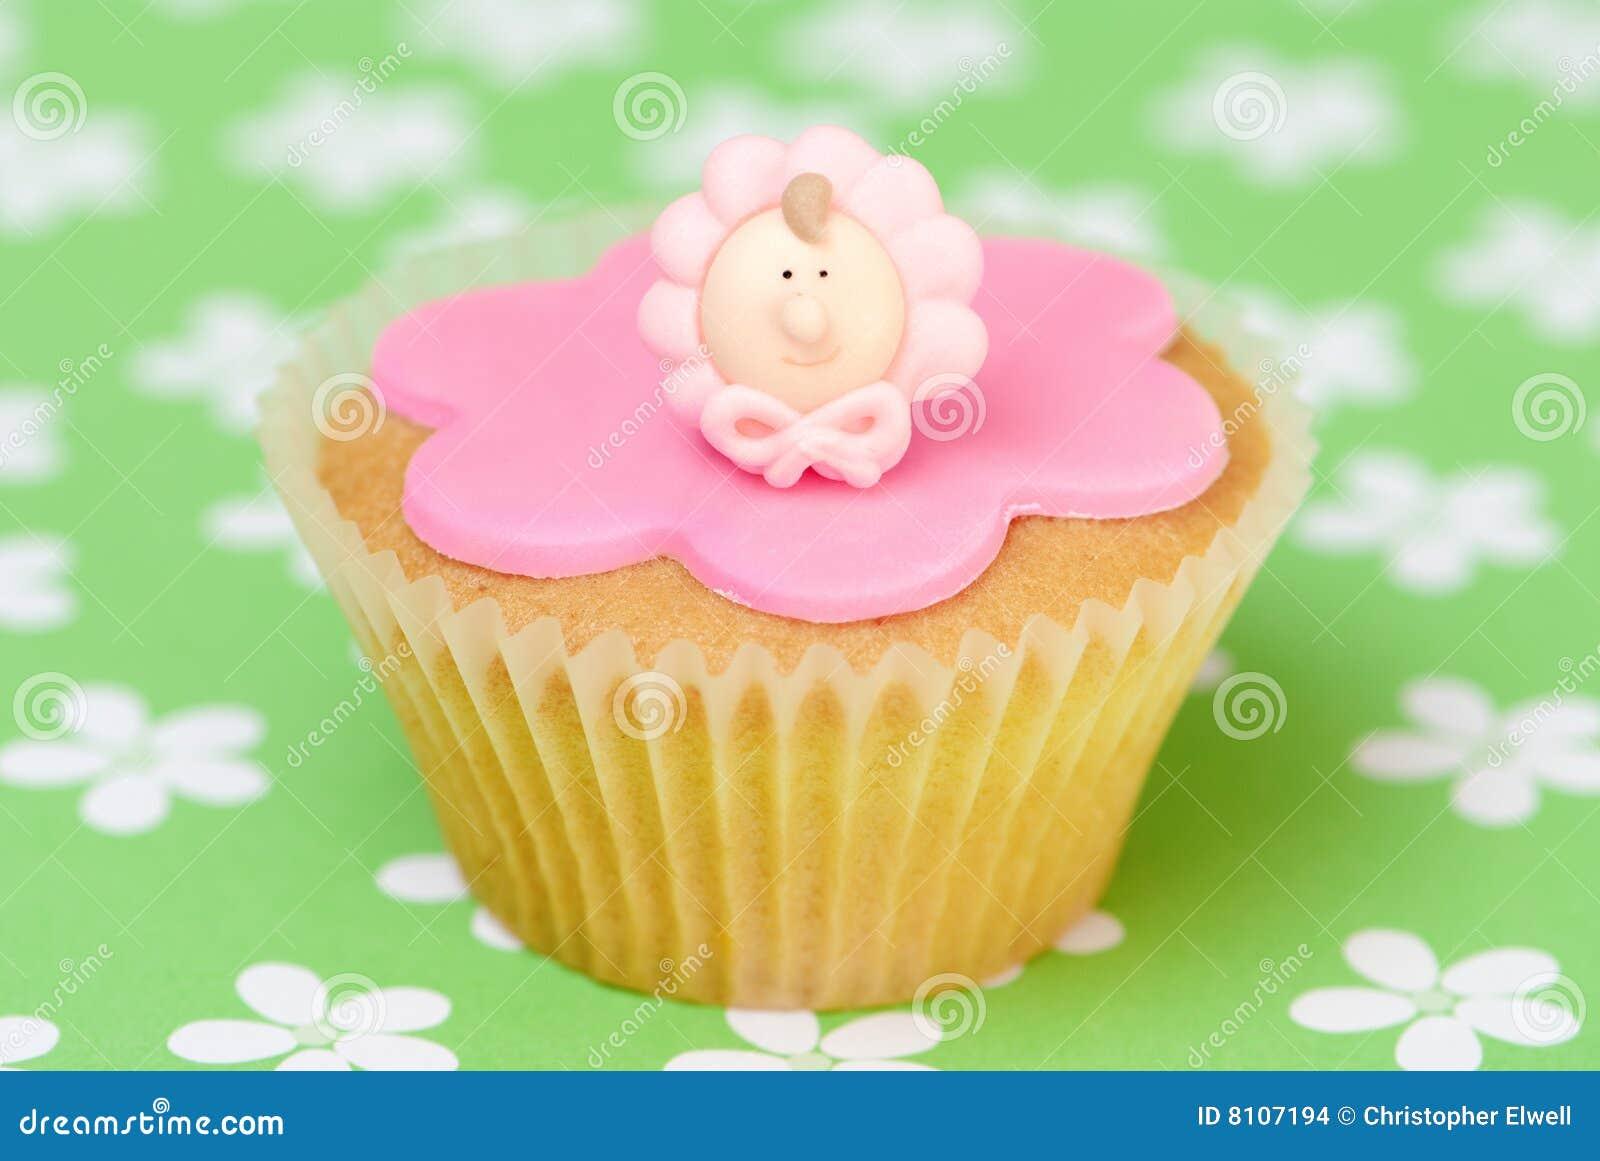 Madchen Rosa Kuchen Stockfoto Bild Von Madchen Taufen 8107194